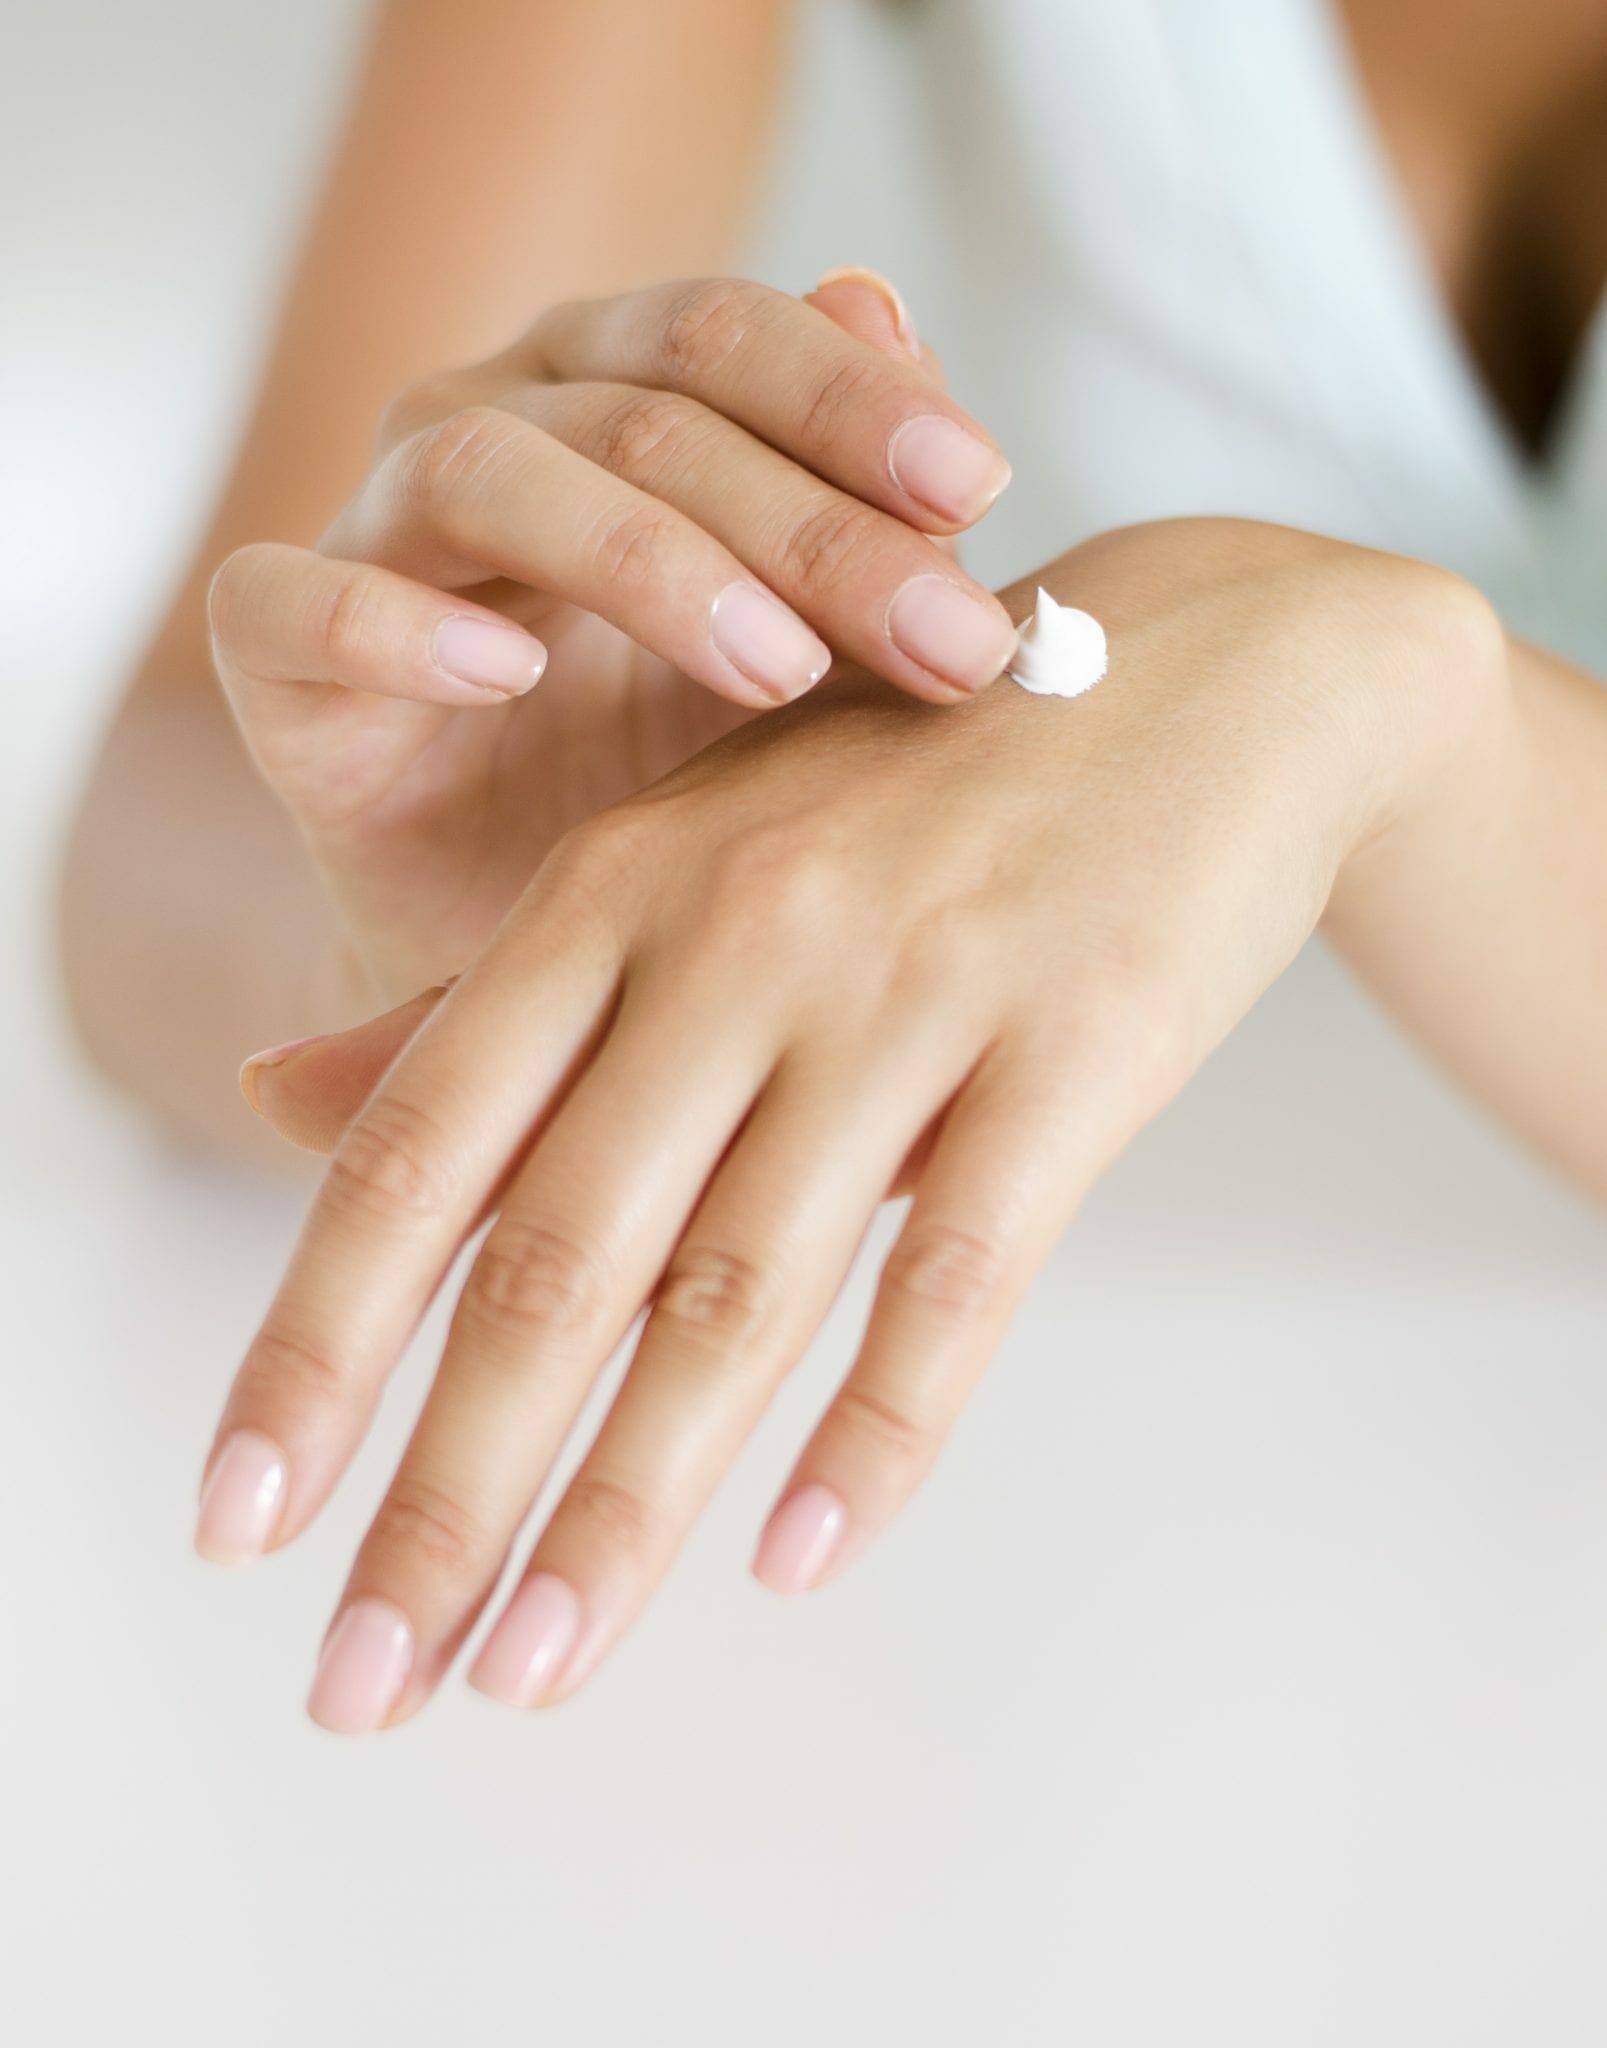 Une femme s'étale du lait sur la peau